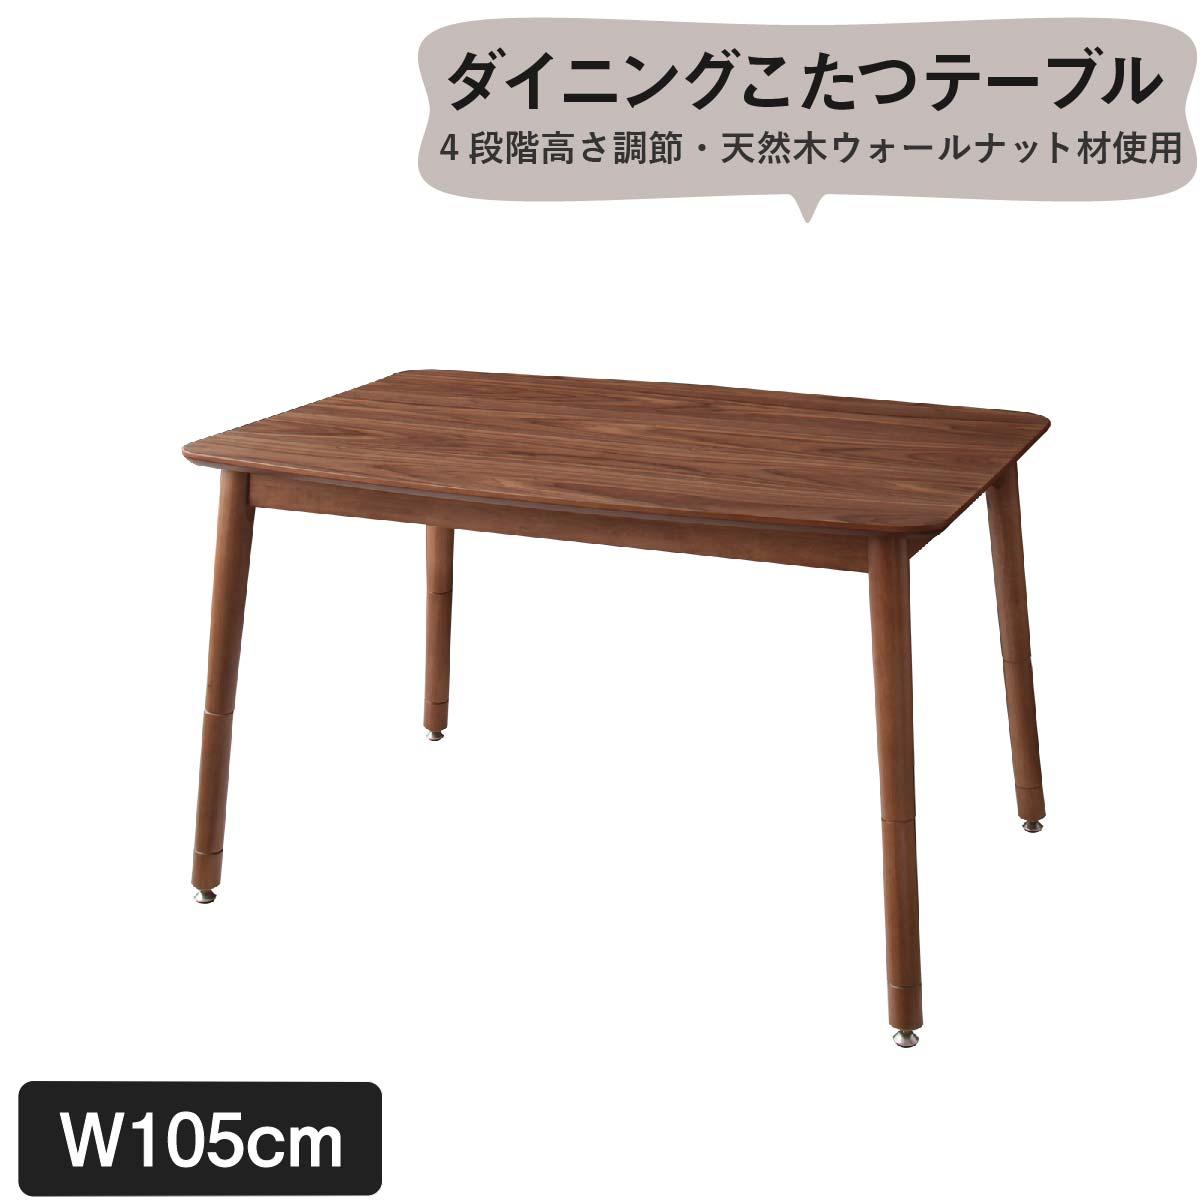 [送料無料] こたつもソファも高さ調節できるリビングダイニングセット ダイニングテーブル W105